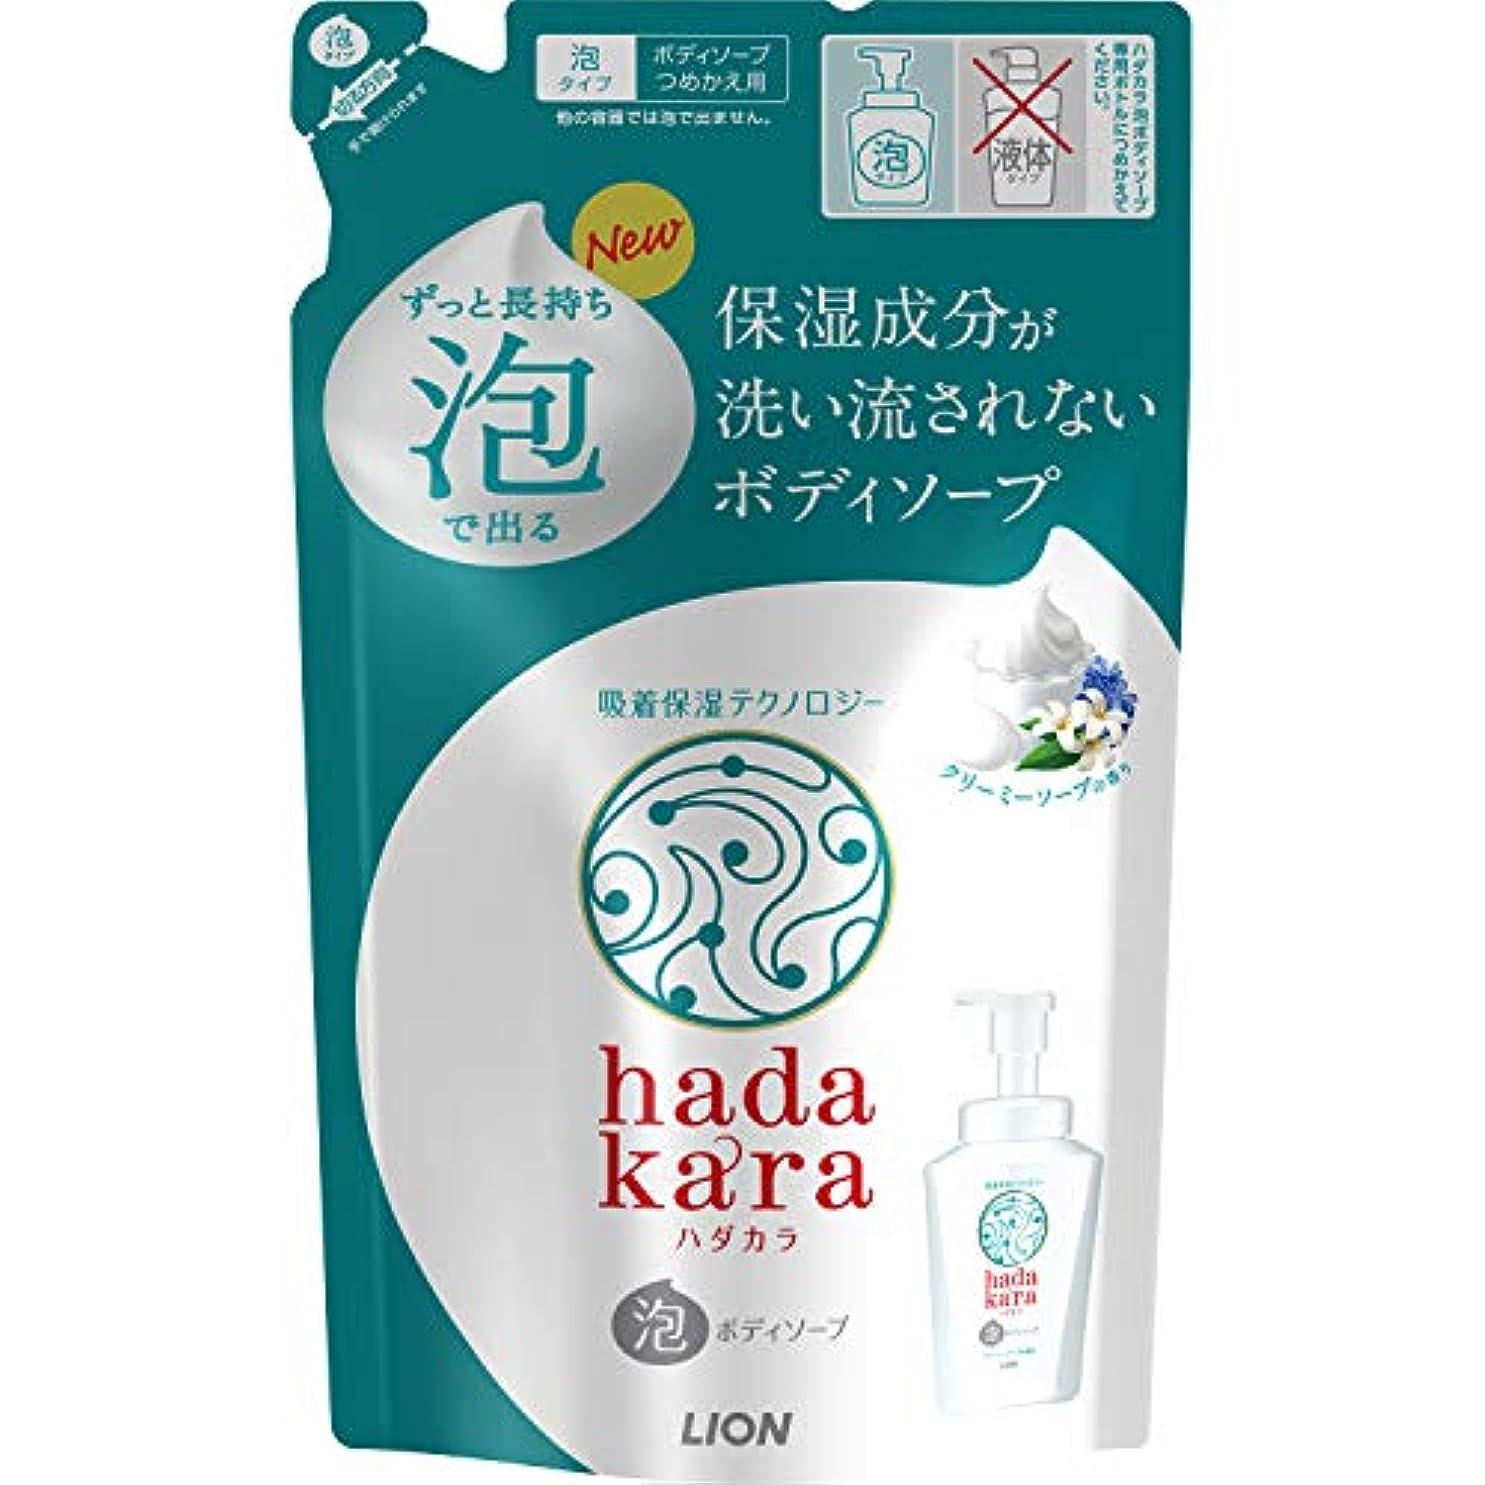 超えてハイブリッド新年hadakara(ハダカラ) ボディソープ 泡タイプ クリーミーソープの香り 詰替440ml